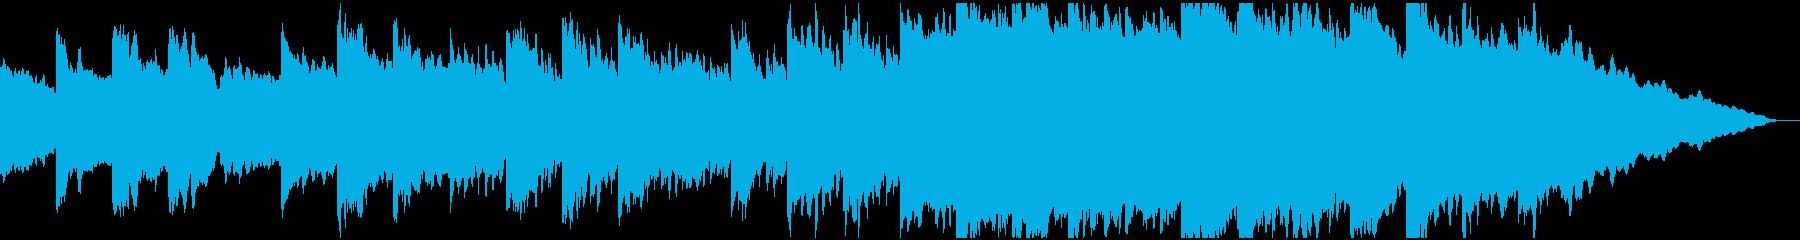 企業VP,コーポレート,静か、60秒の再生済みの波形